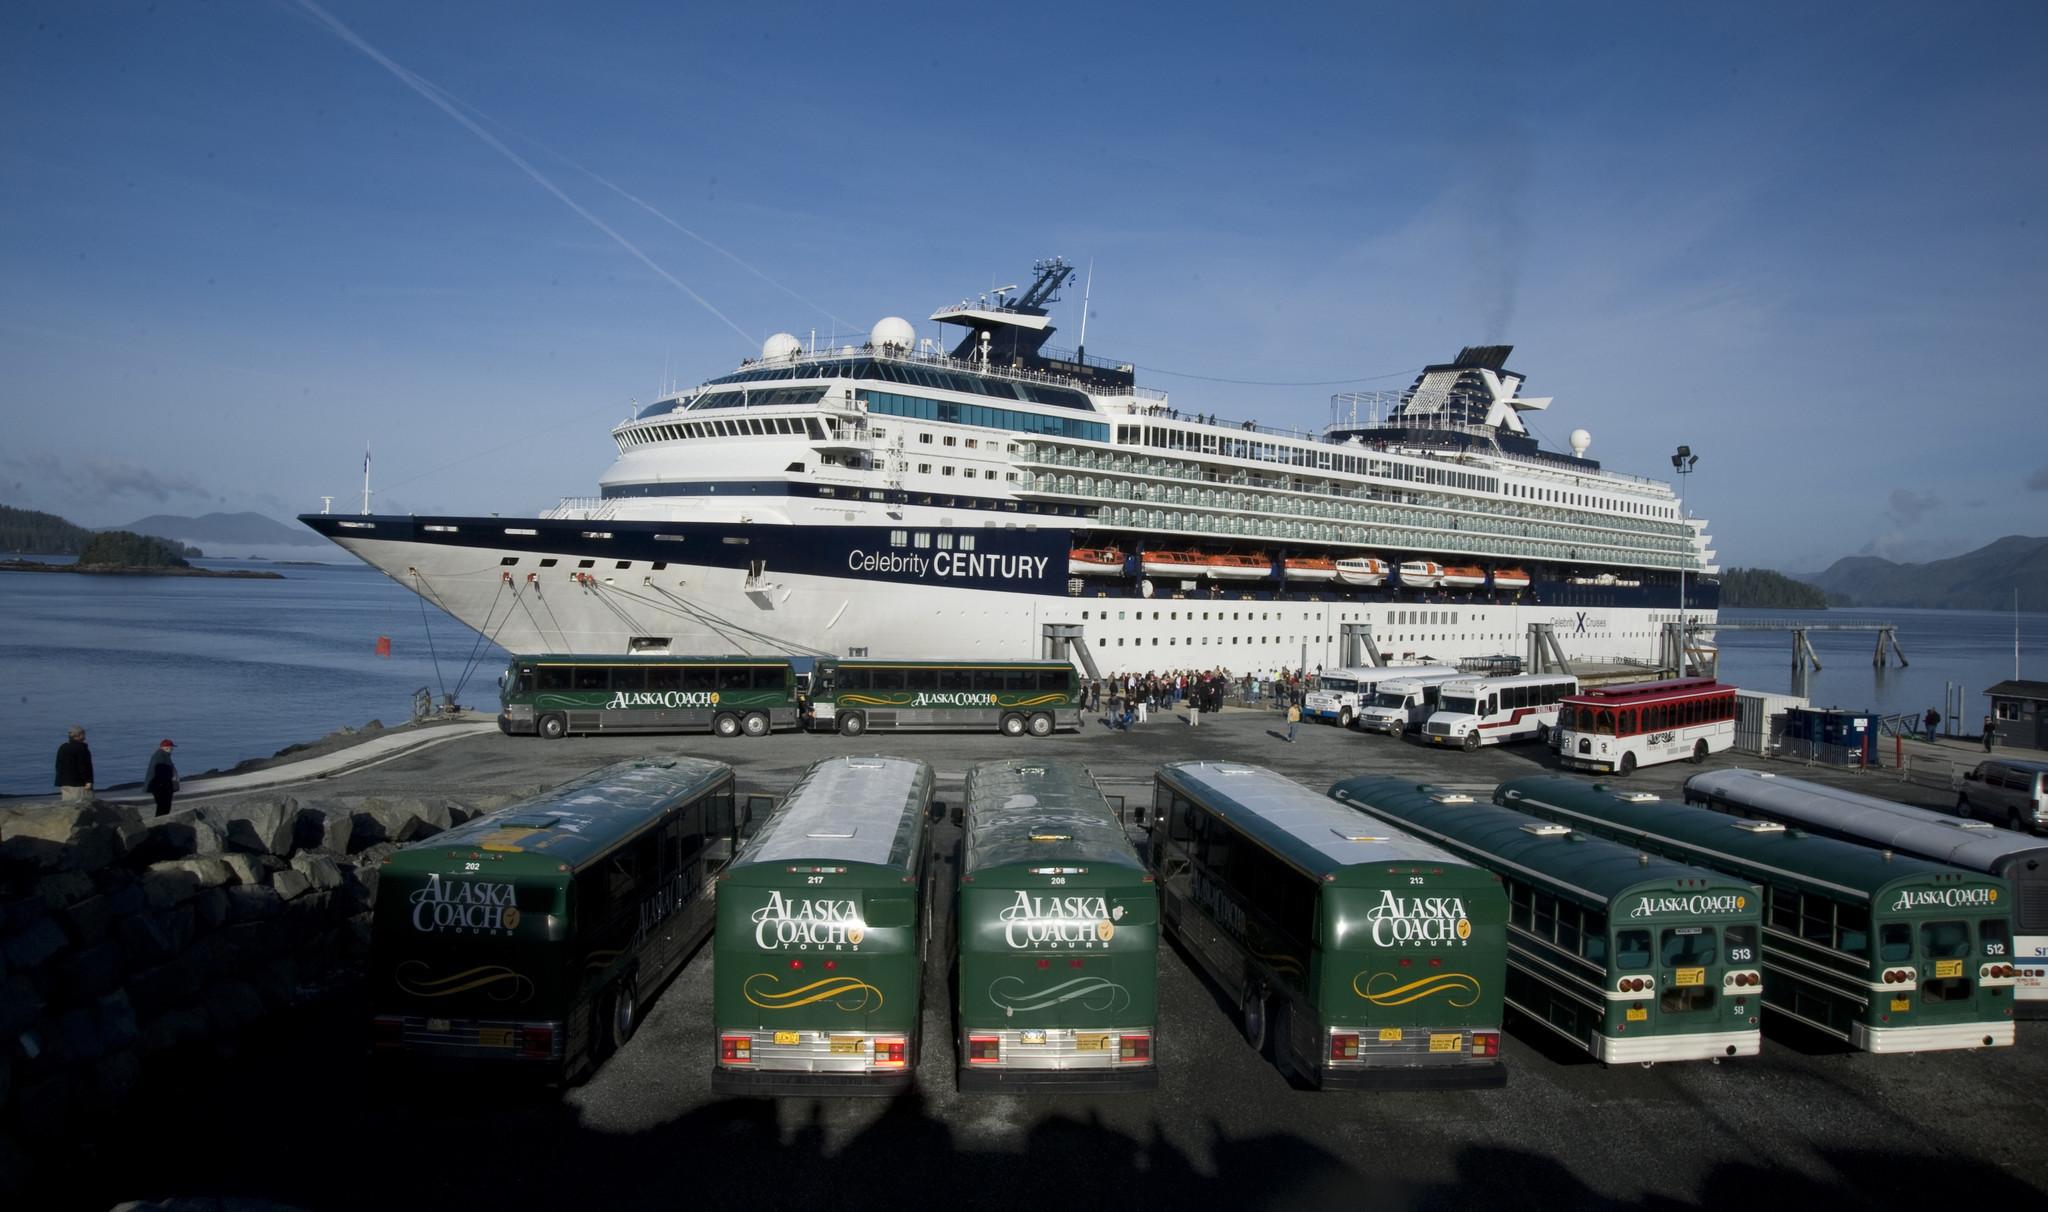 Best Value Cruise Line (2018) - PriceCapsule